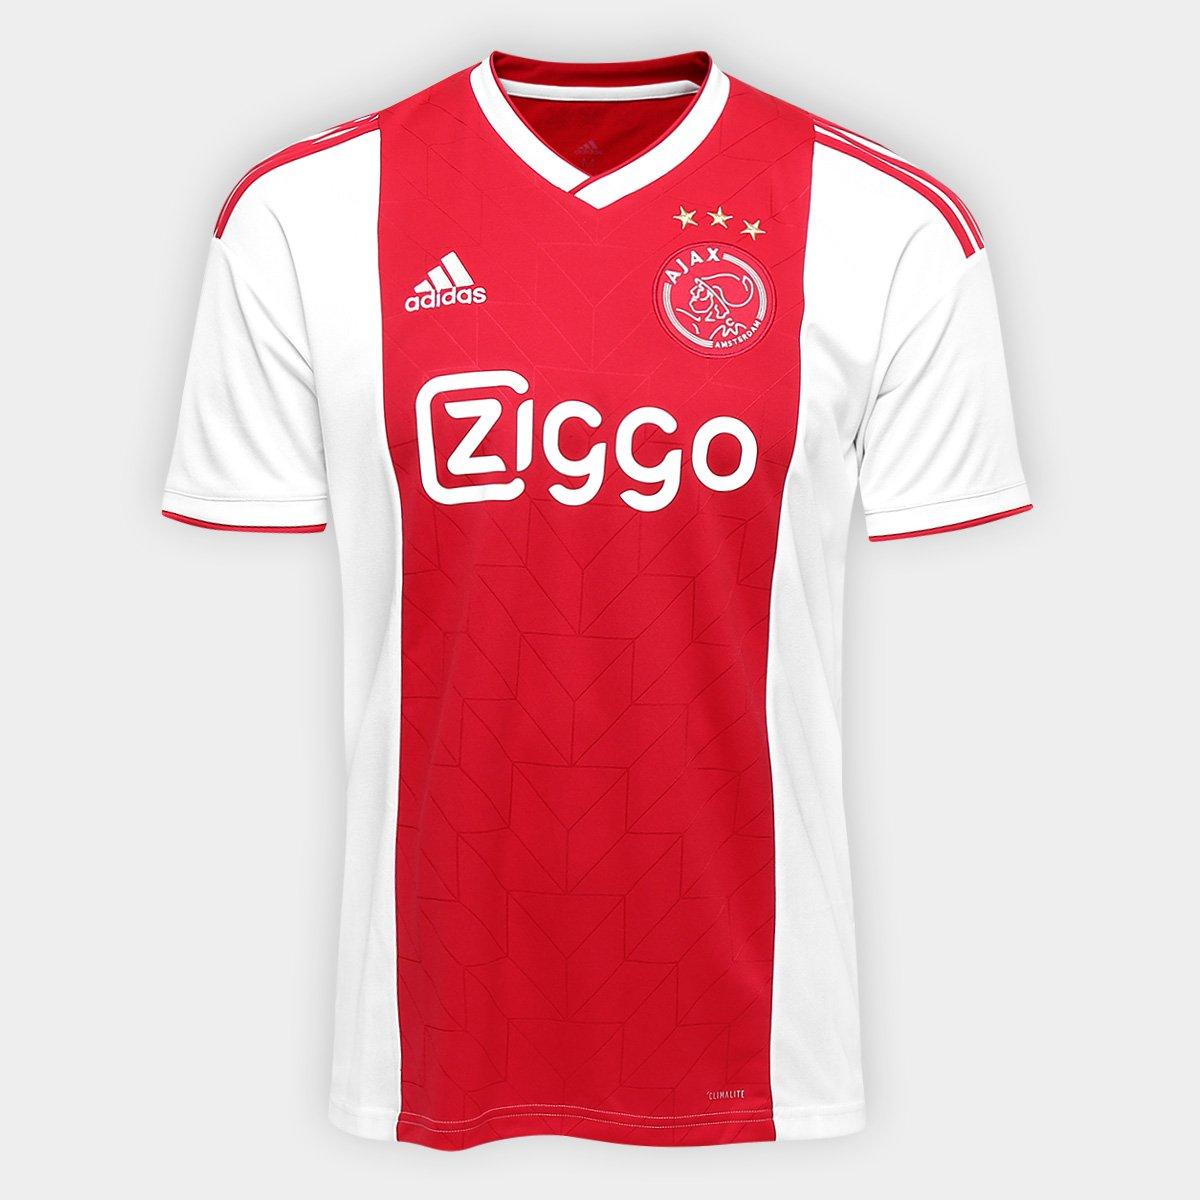 d736a48dff Camisa Ajax Home 2018 s/n° - Torcedor Adidas Masculina - Branco e Vermelho    Allianz Parque Shop